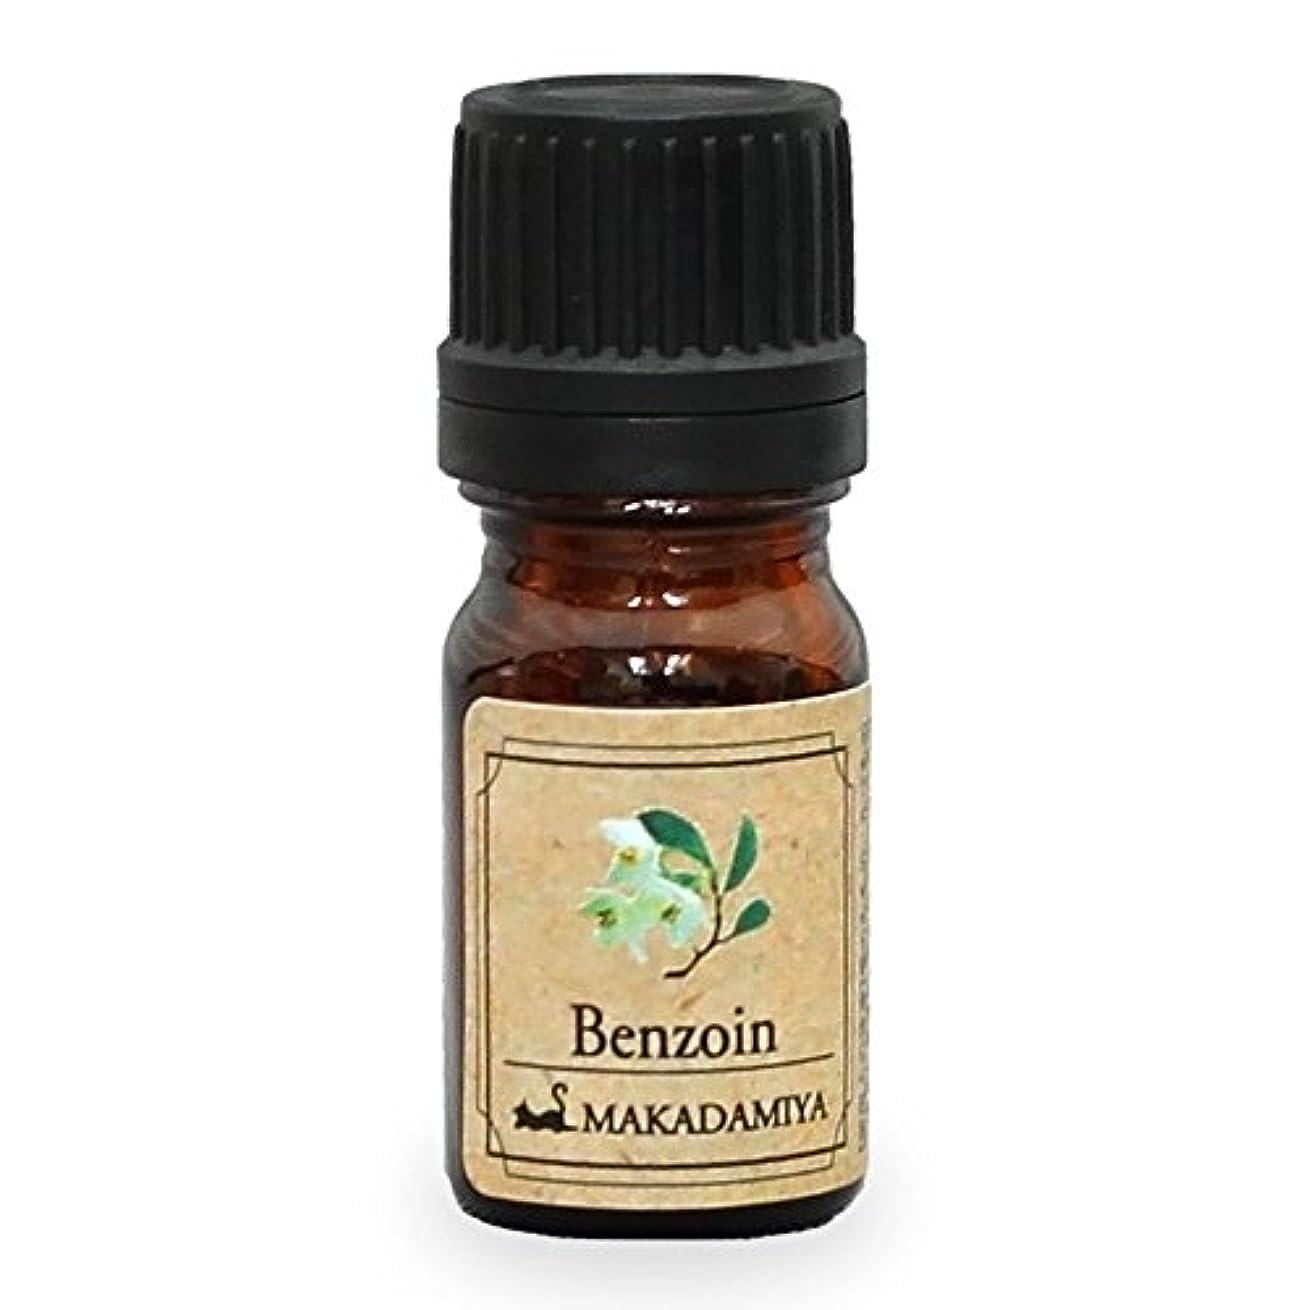 静める投獄軸ベンゾイン5ml天然100%植物性エッセンシャルオイル(精油)アロマオイルアロママッサージアロマテラピーaroma Benzoin